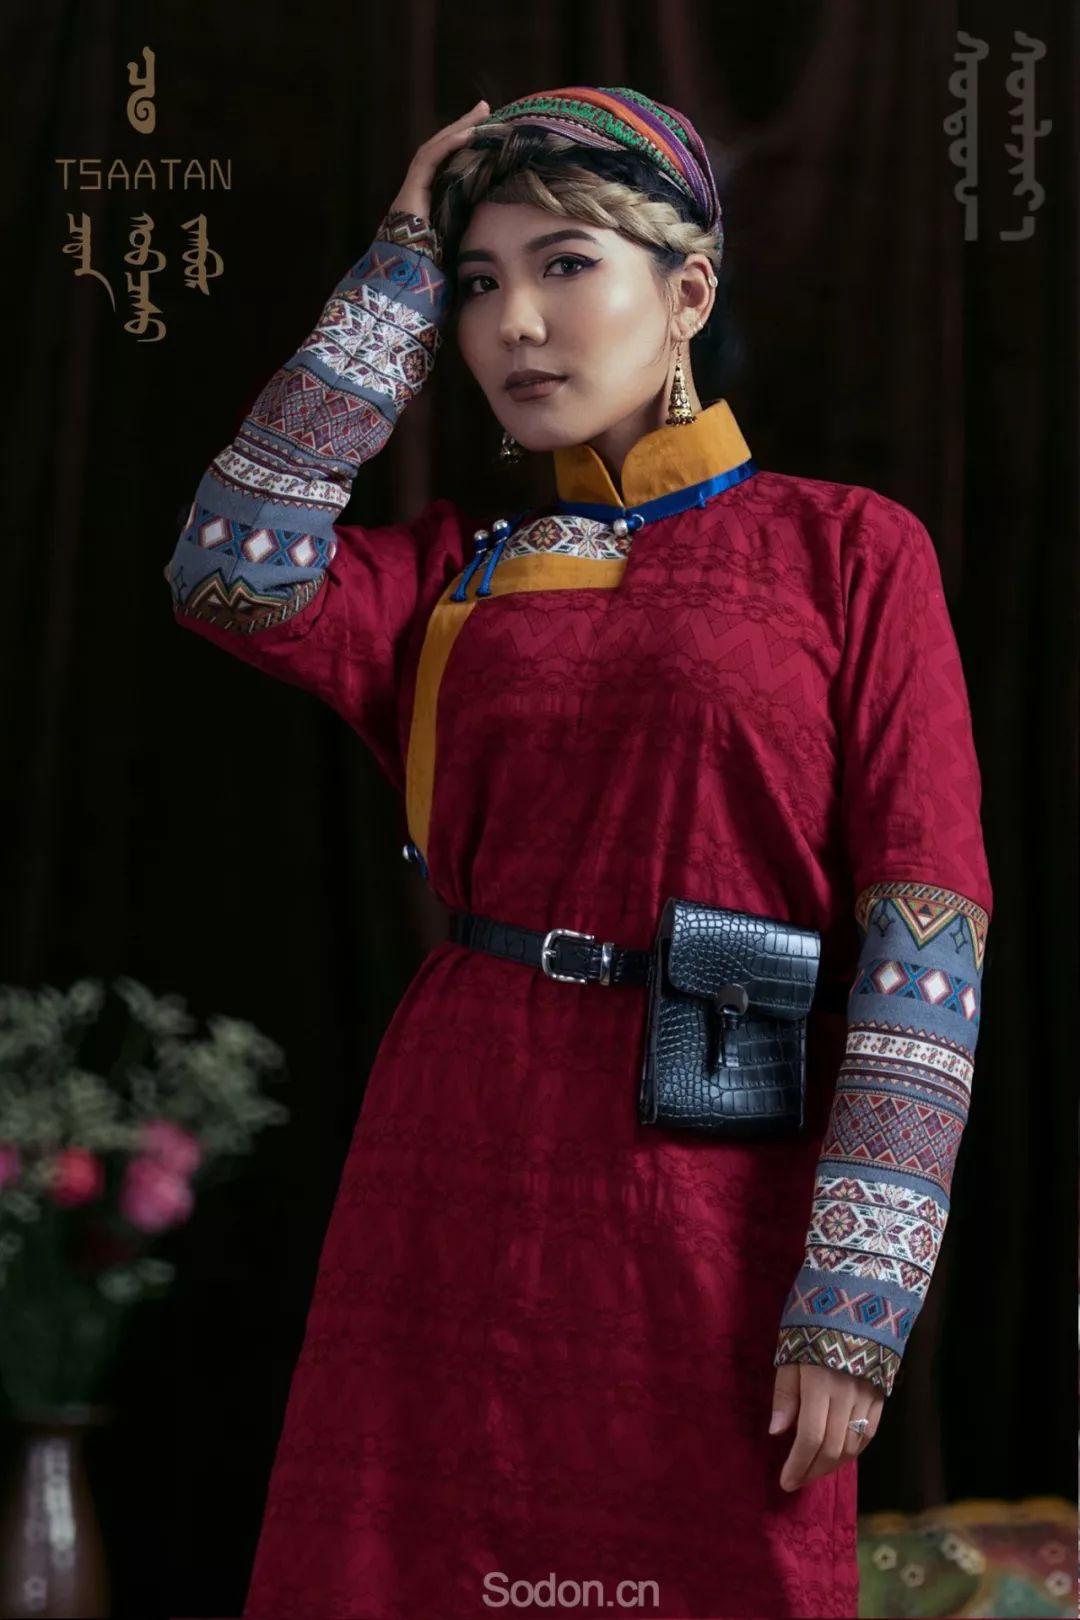 TSAATAN蒙古时装秋冬系列,来自驯鹿人的独特魅力! 第59张 TSAATAN蒙古时装秋冬系列,来自驯鹿人的独特魅力! 蒙古服饰